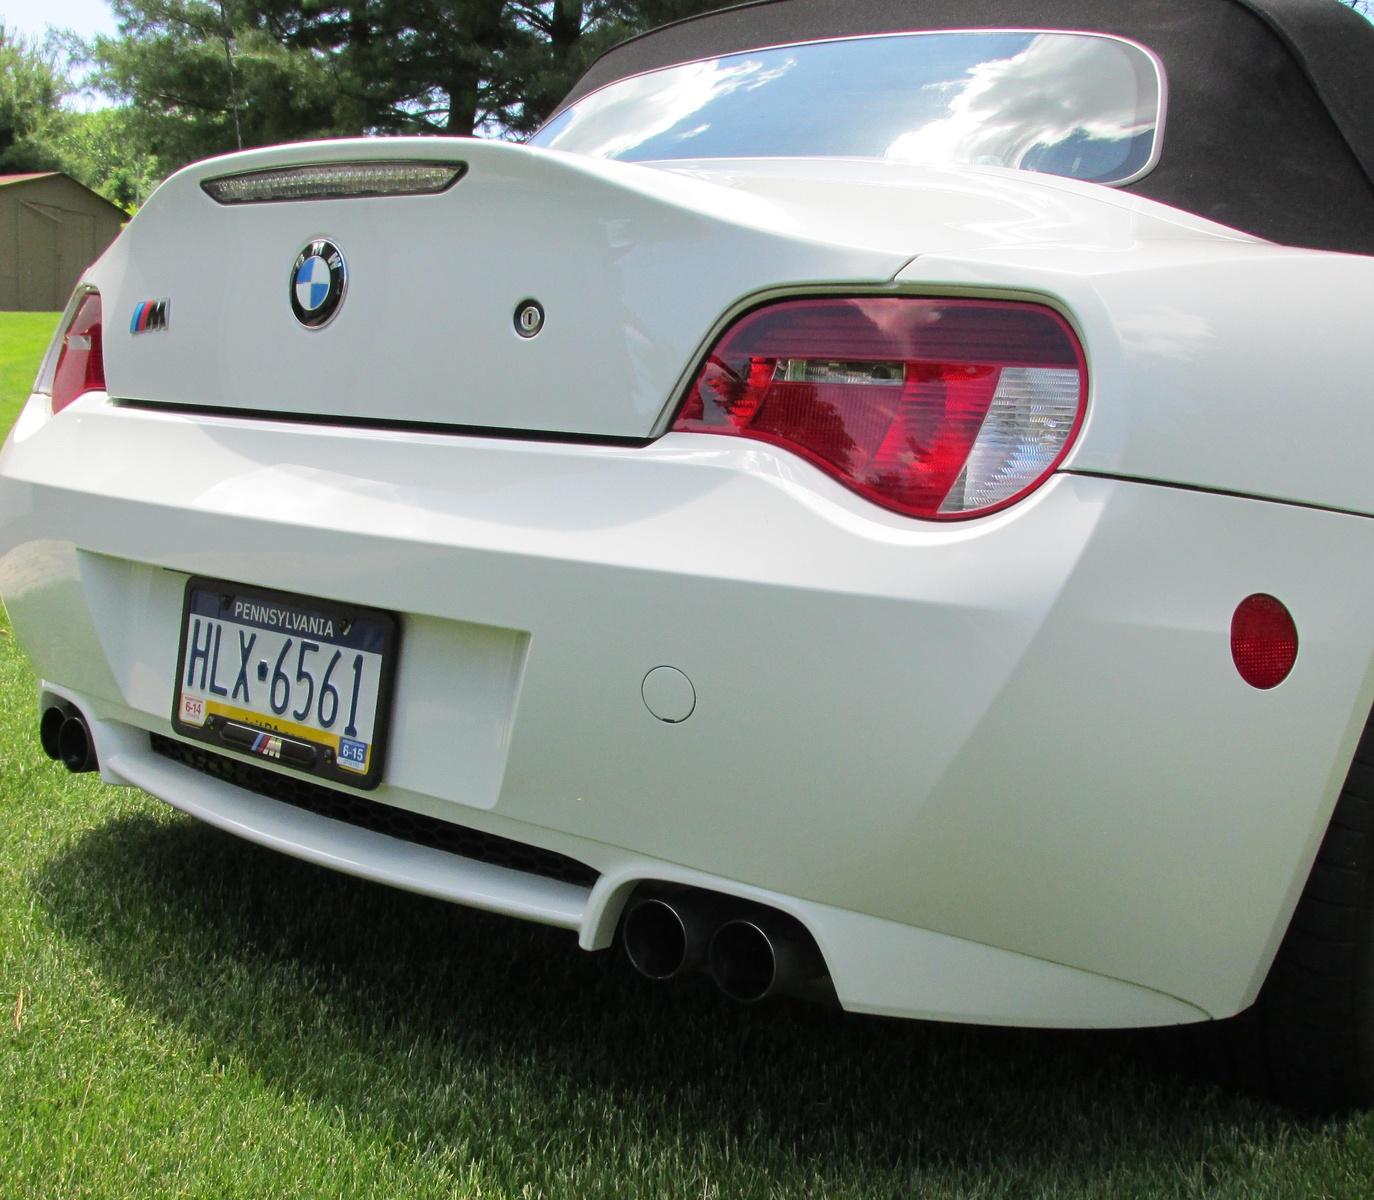 Bmw Z4 Toyota: 2007 BMW Z4 M